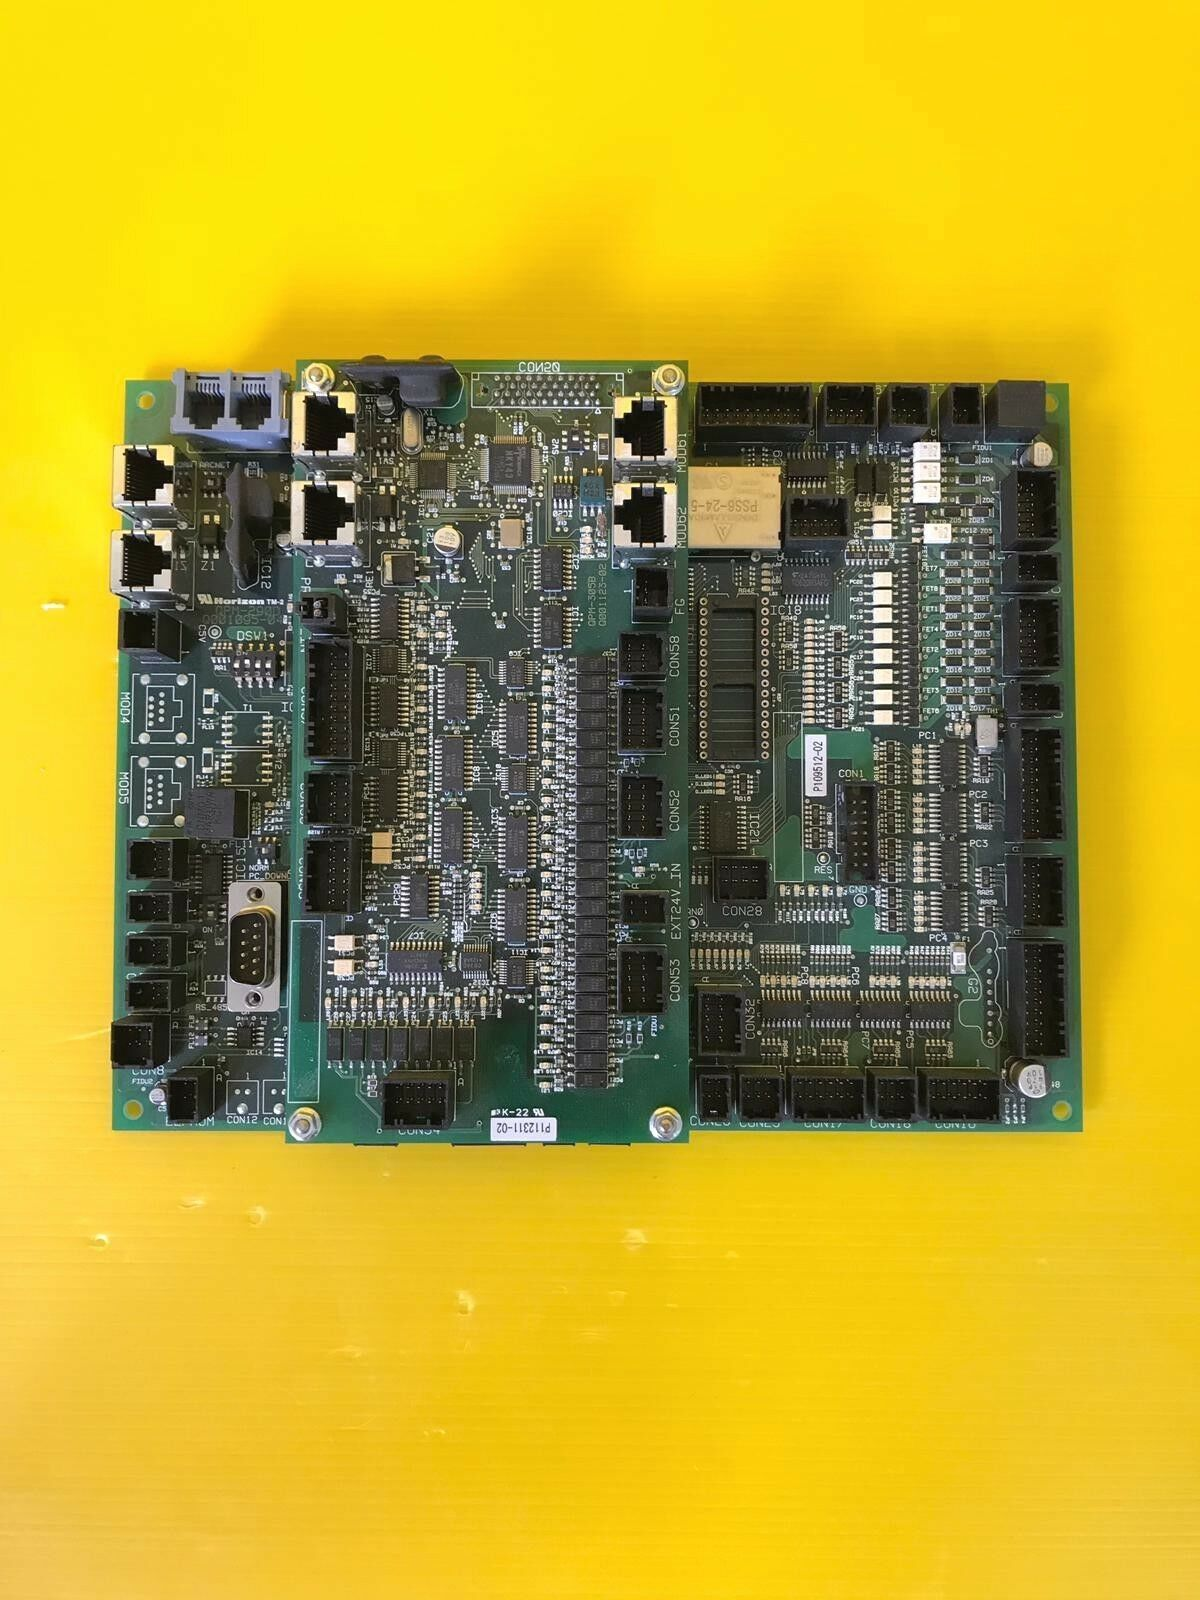 Horizon QPM-290D 001095-04 P109512-02 W  QPM-305B Q001123-02